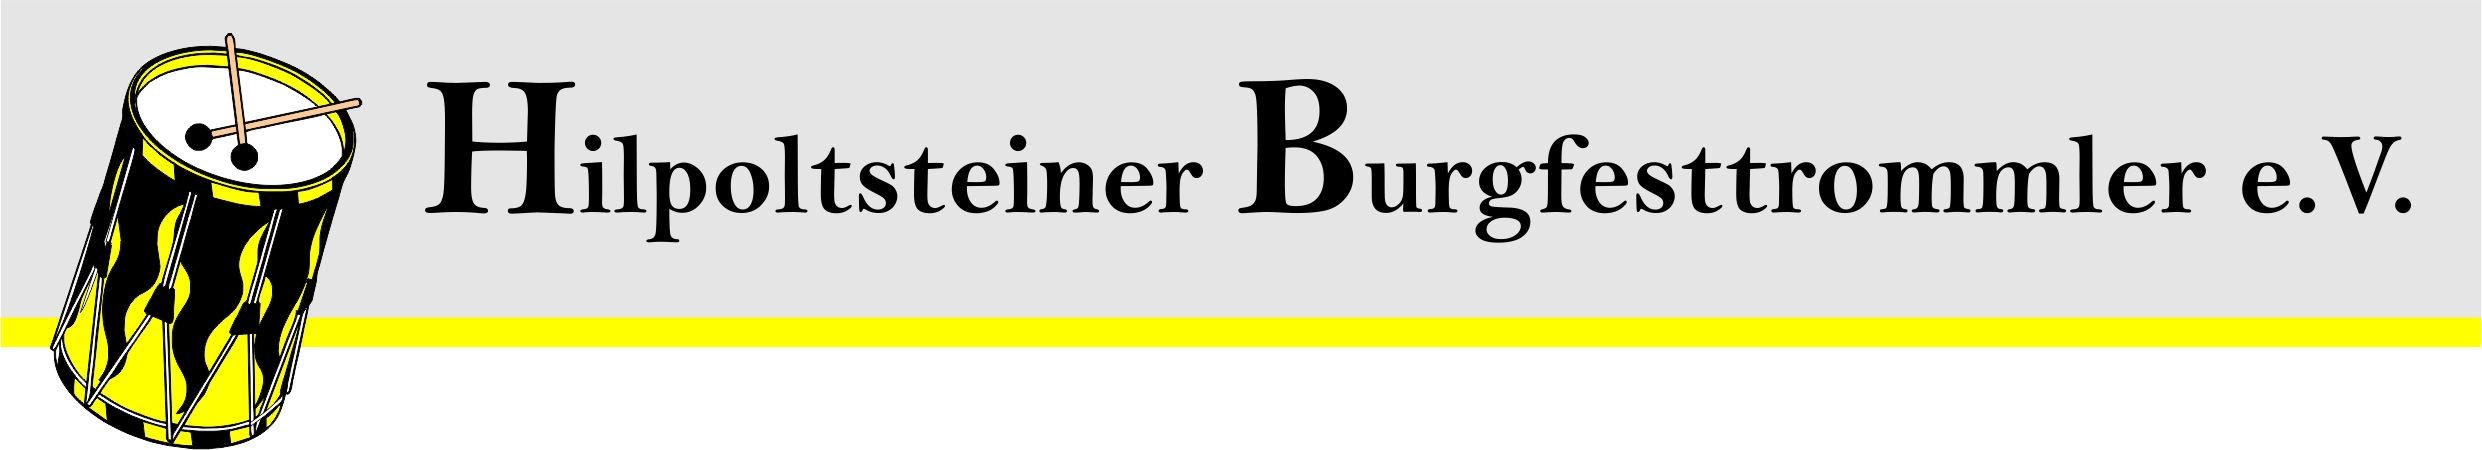 Hilpoltsteiner Burgfesttrommler e.V.